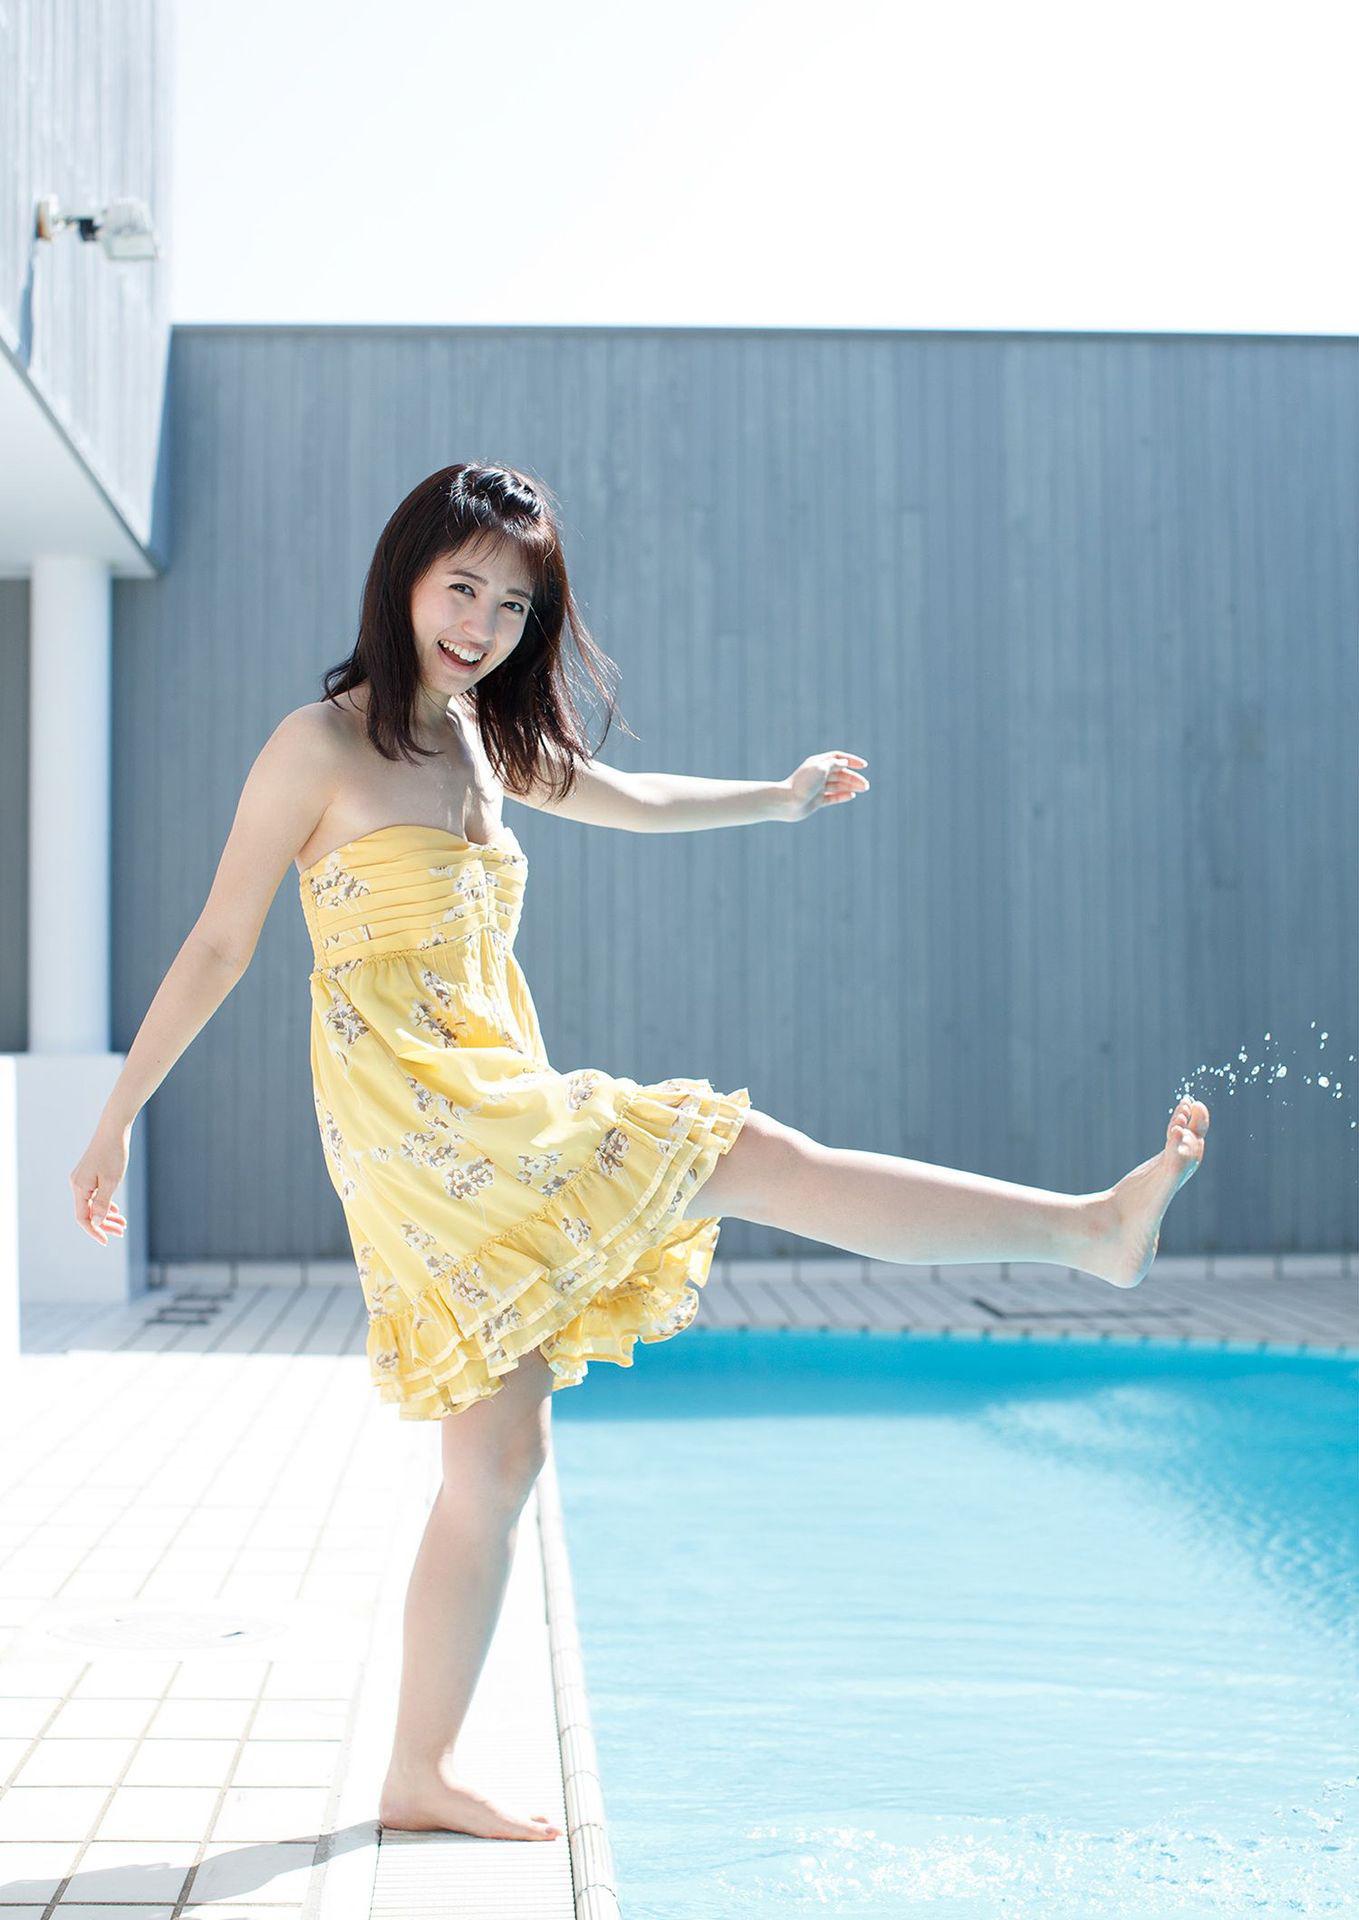 Voice actor Rikako Oita007